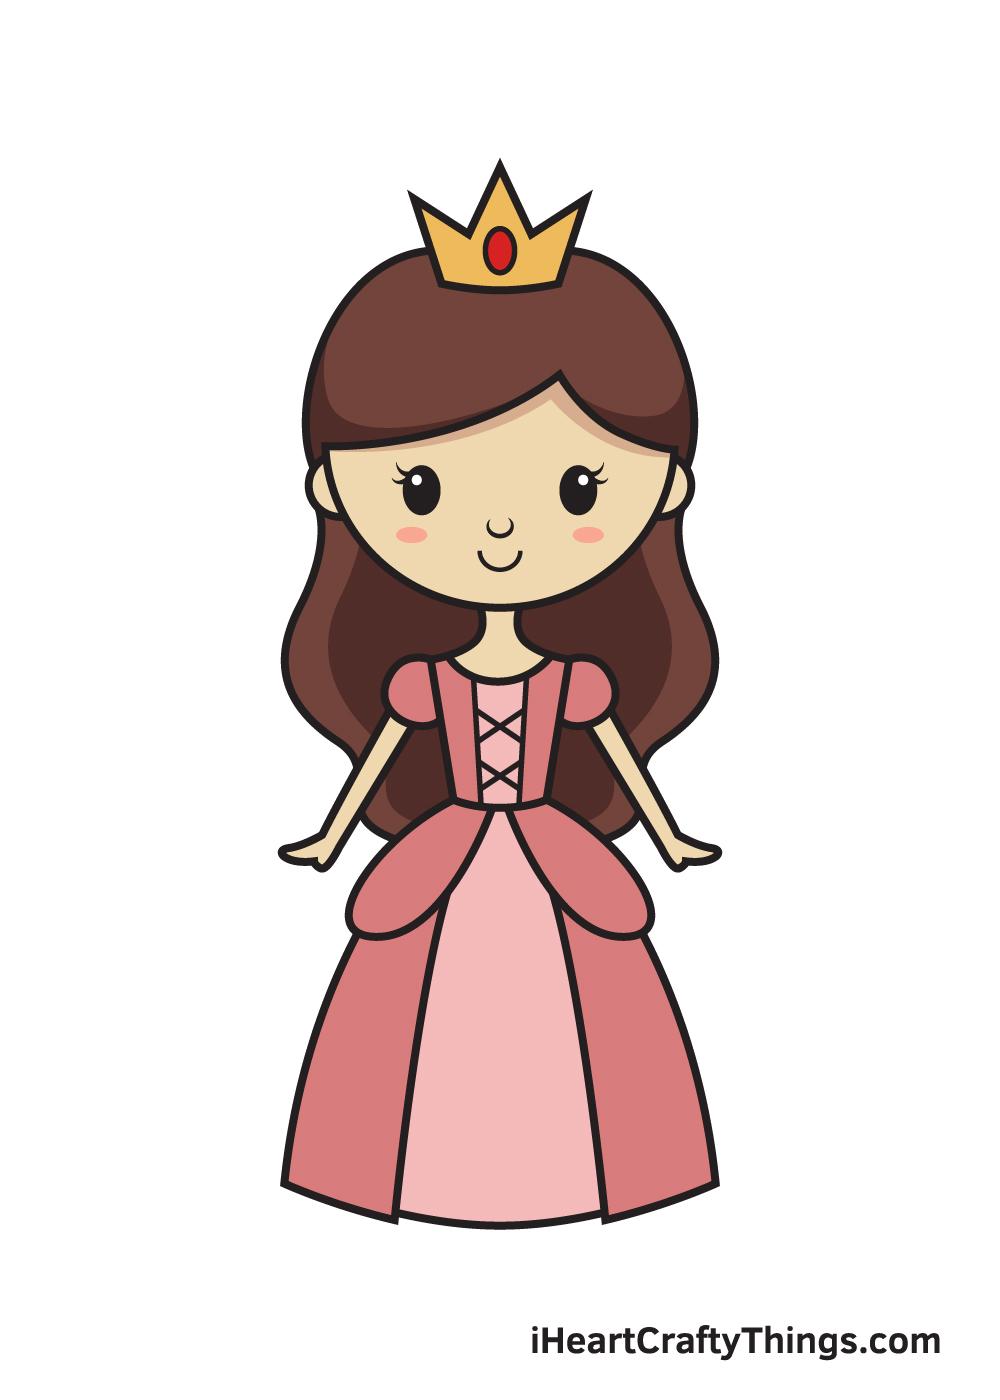 Vẽ công chúa - 9 bước